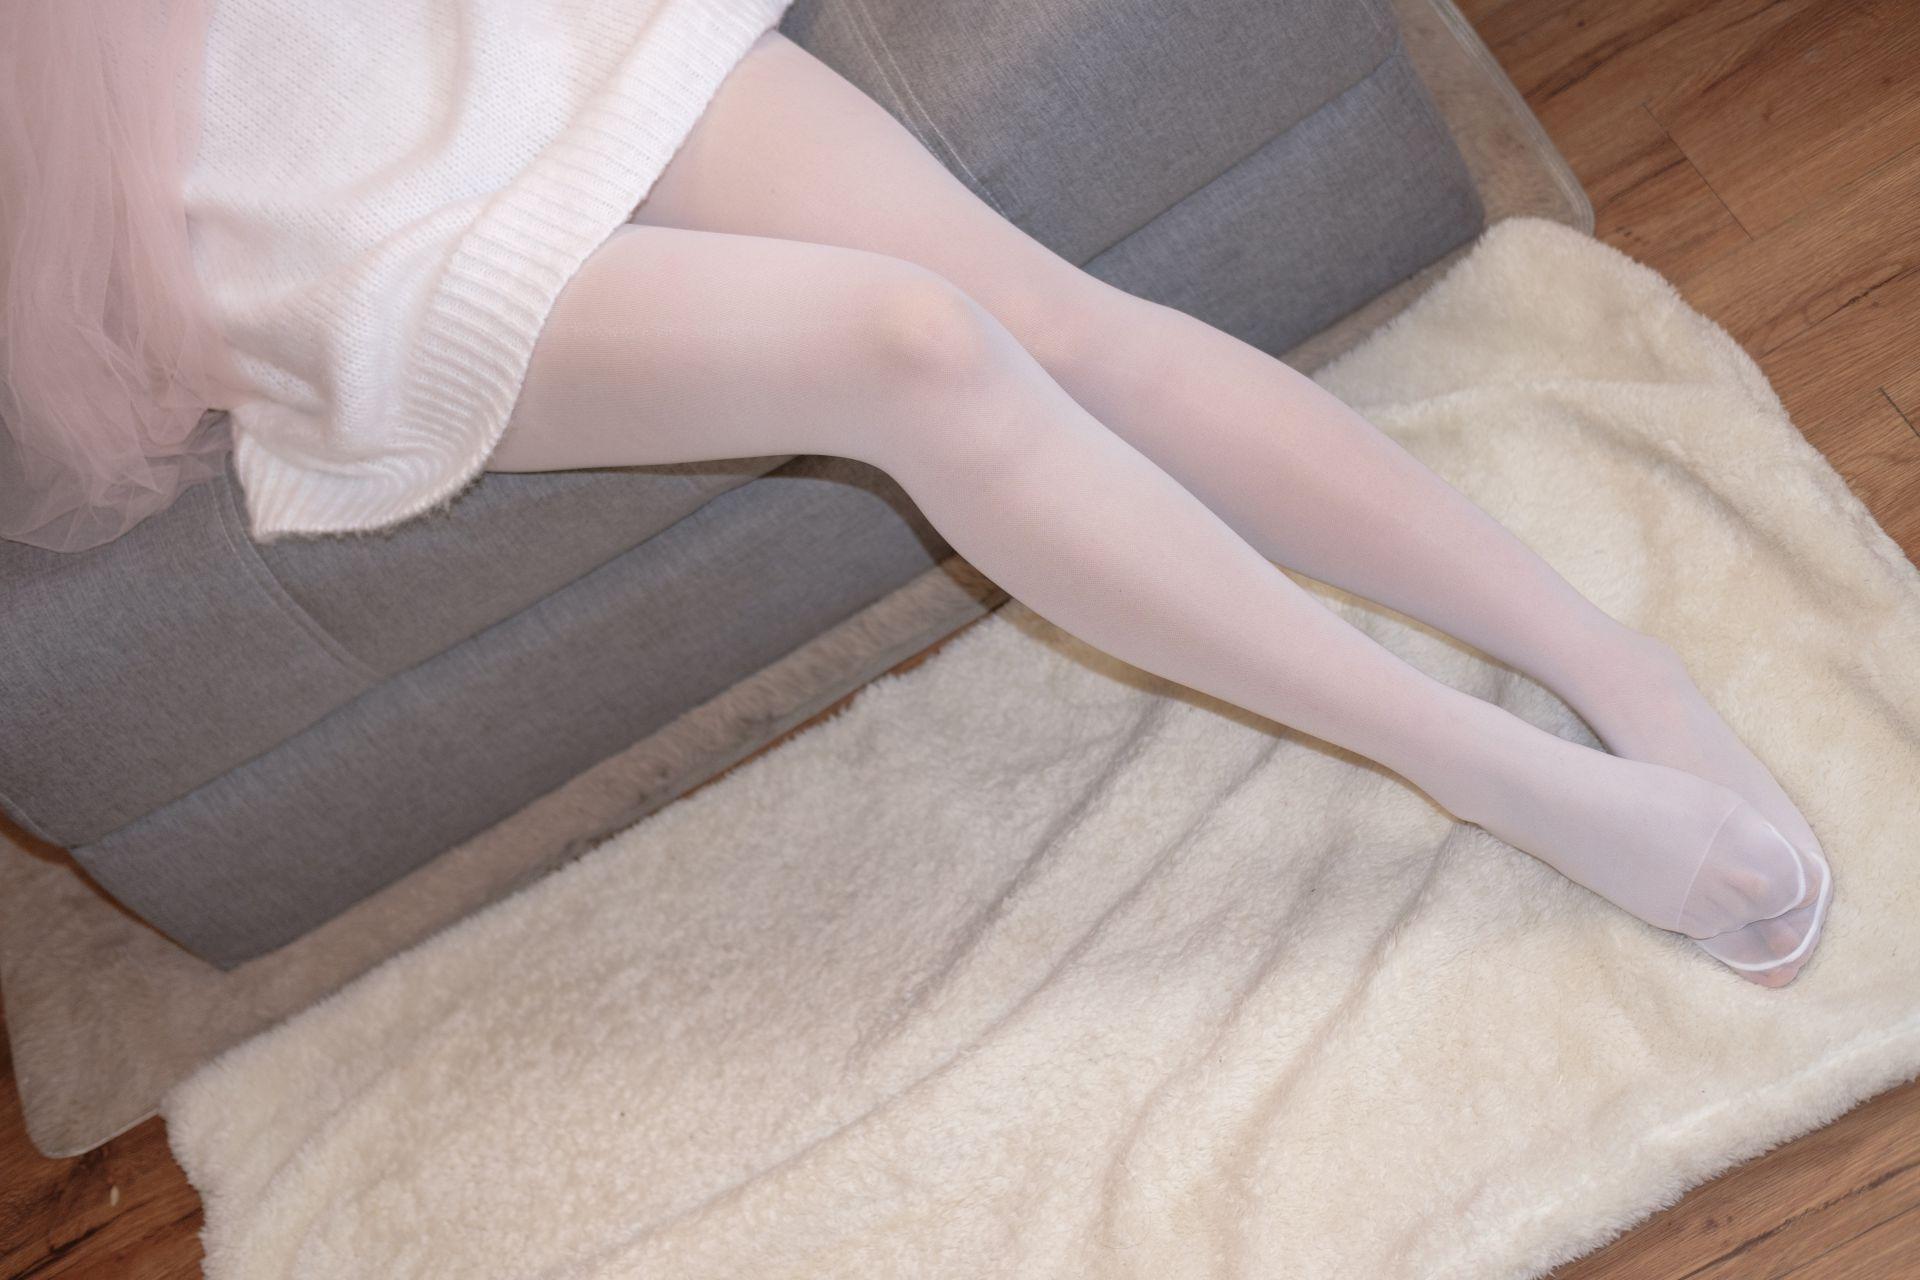 【森萝财团】森萝财团写真 – X-012-BETA 露肩毛衣白色裸足[110P-1V-1.83GB] X系列 第4张